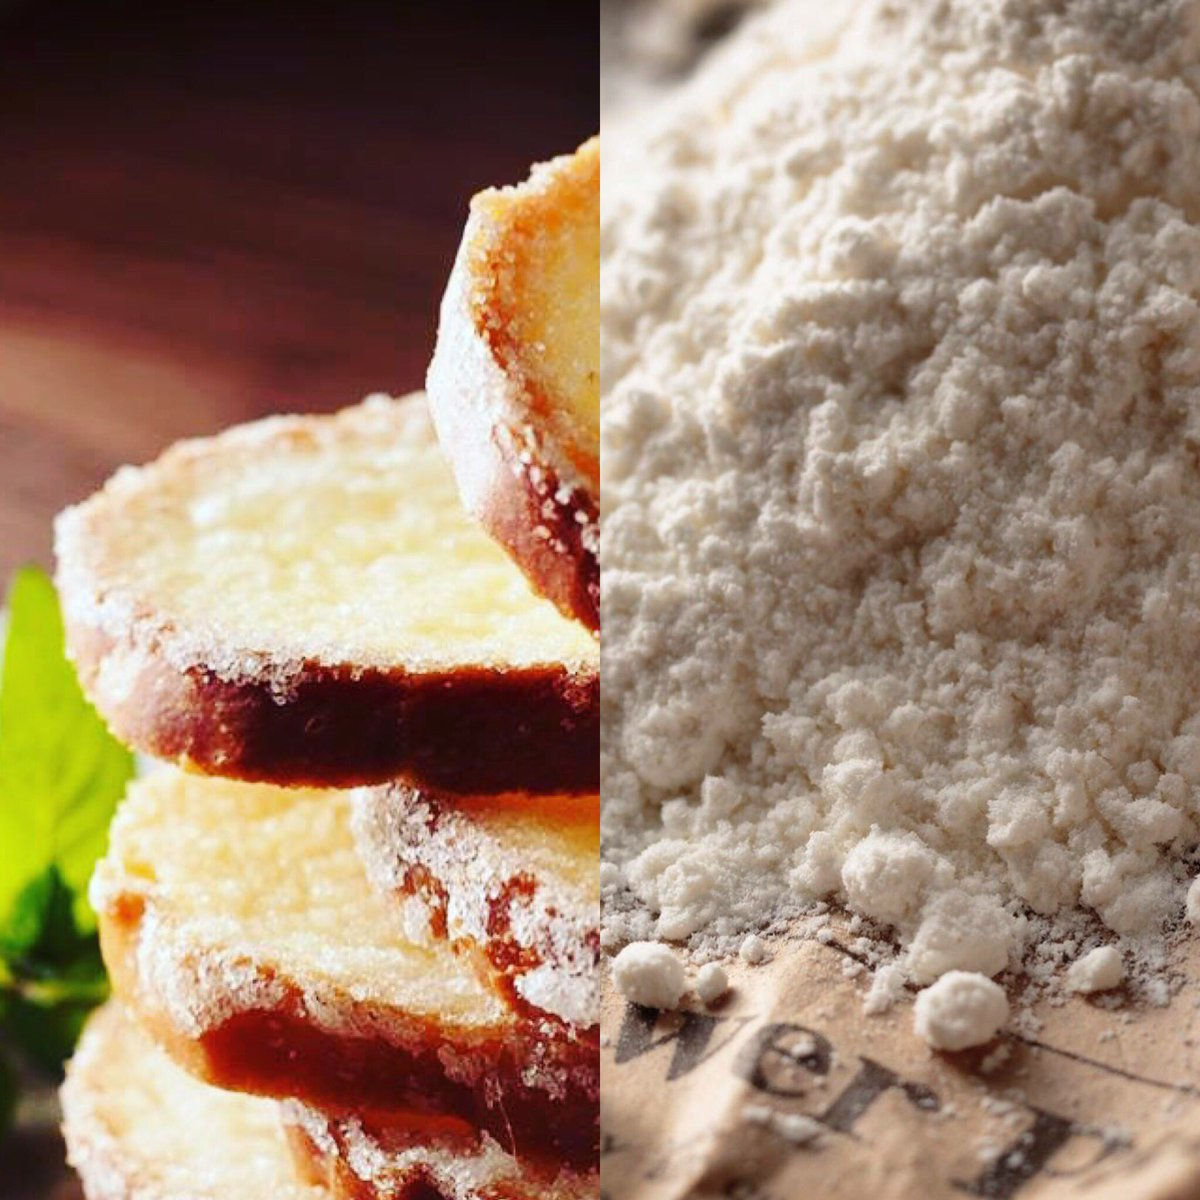 test ツイッターメディア - たくみにしかわが送る、究極のバターラスクは北海道美瑛産の極上小麦100%で焼き上げます。  寒冷な北海道、美瑛は良質な小麦の生産地。バターラスクの要となるフランスパンは、北海道の中ほど大雪山十勝岳連邦の裾野に広がる自然豊かな丘稜地帯で収穫された美瑛産の極上小麦粉を100%使用しています。 https://t.co/qhBaKzRTDY